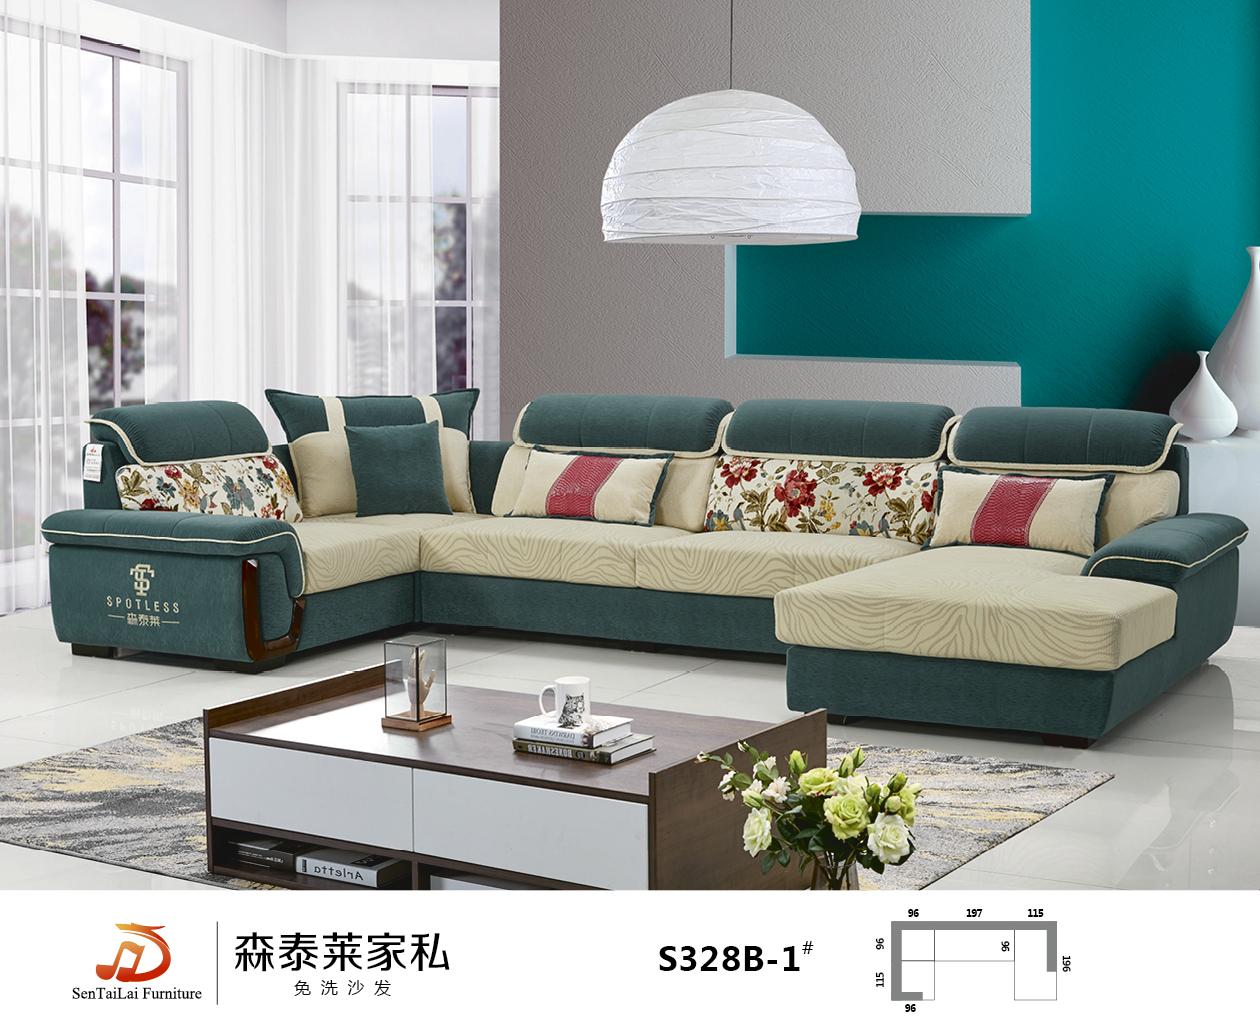 选一款漂亮的布艺沙发,定能惊艳你的家!